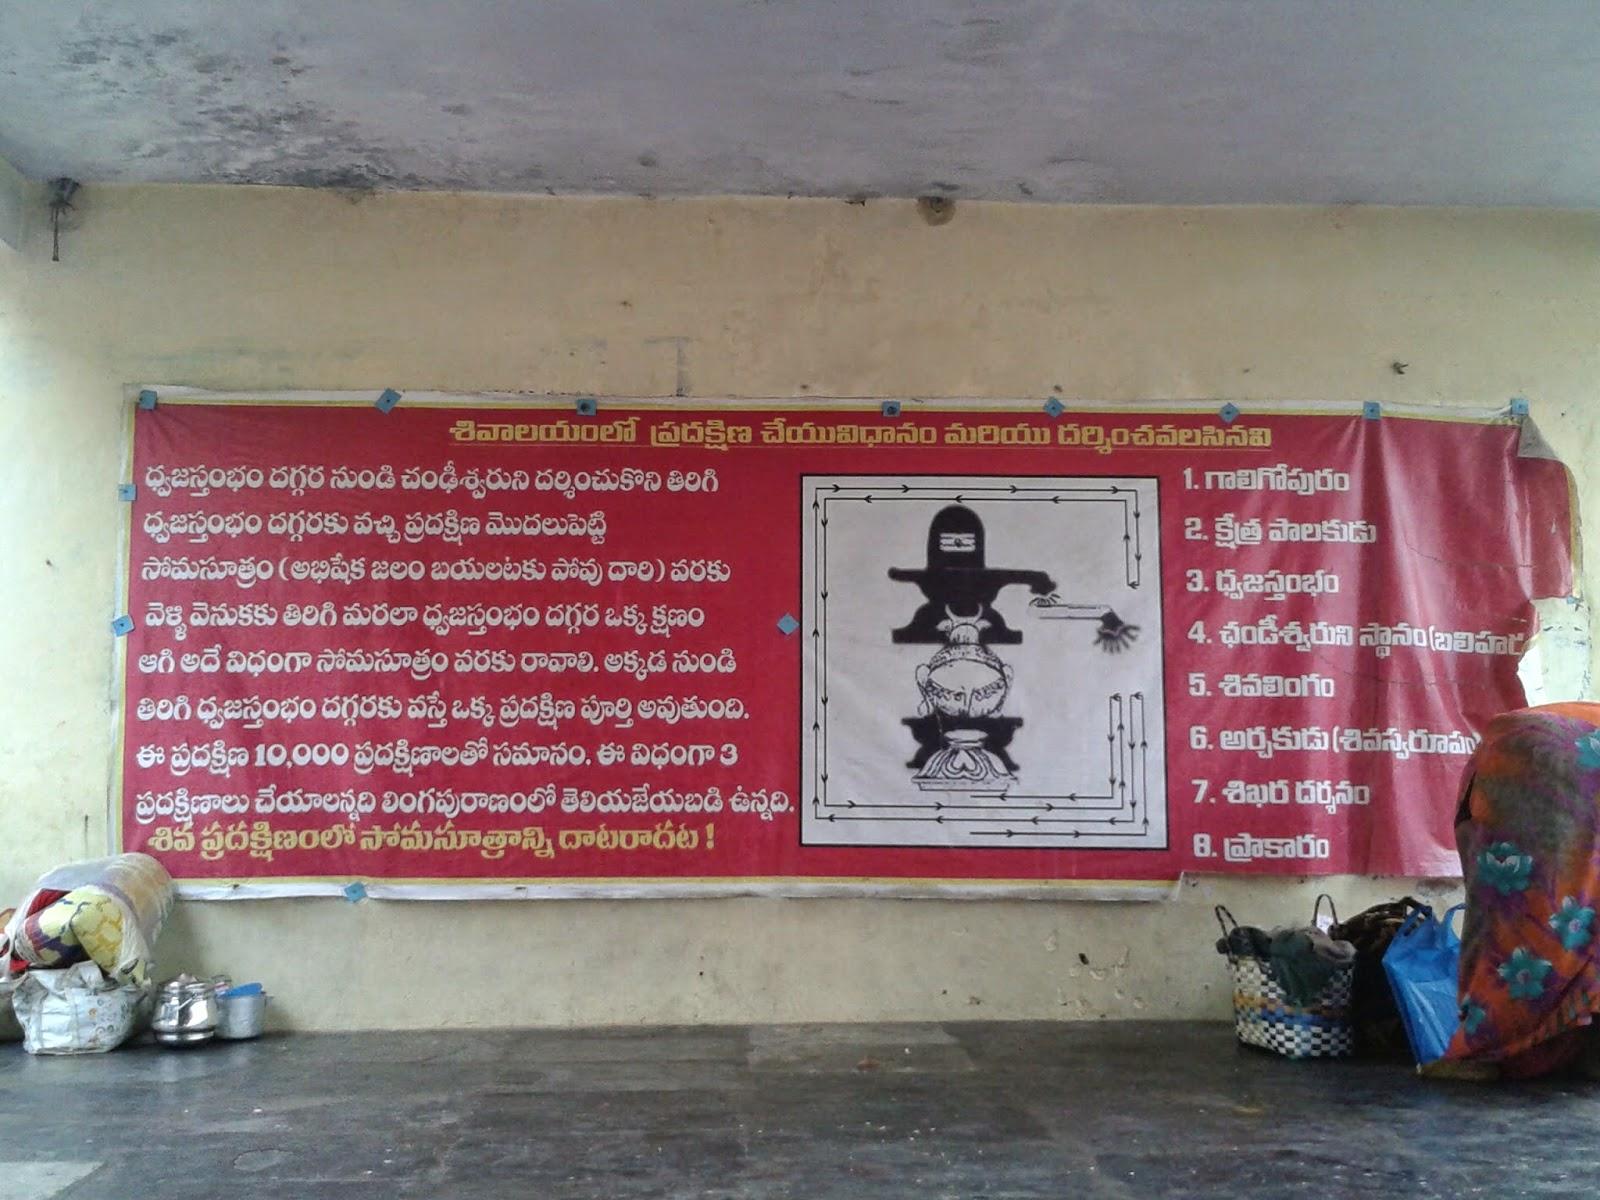 శివాలయ ప్రదక్షిణా విధానం-Shivalaya pradakshina vidhanam-Shiva temple